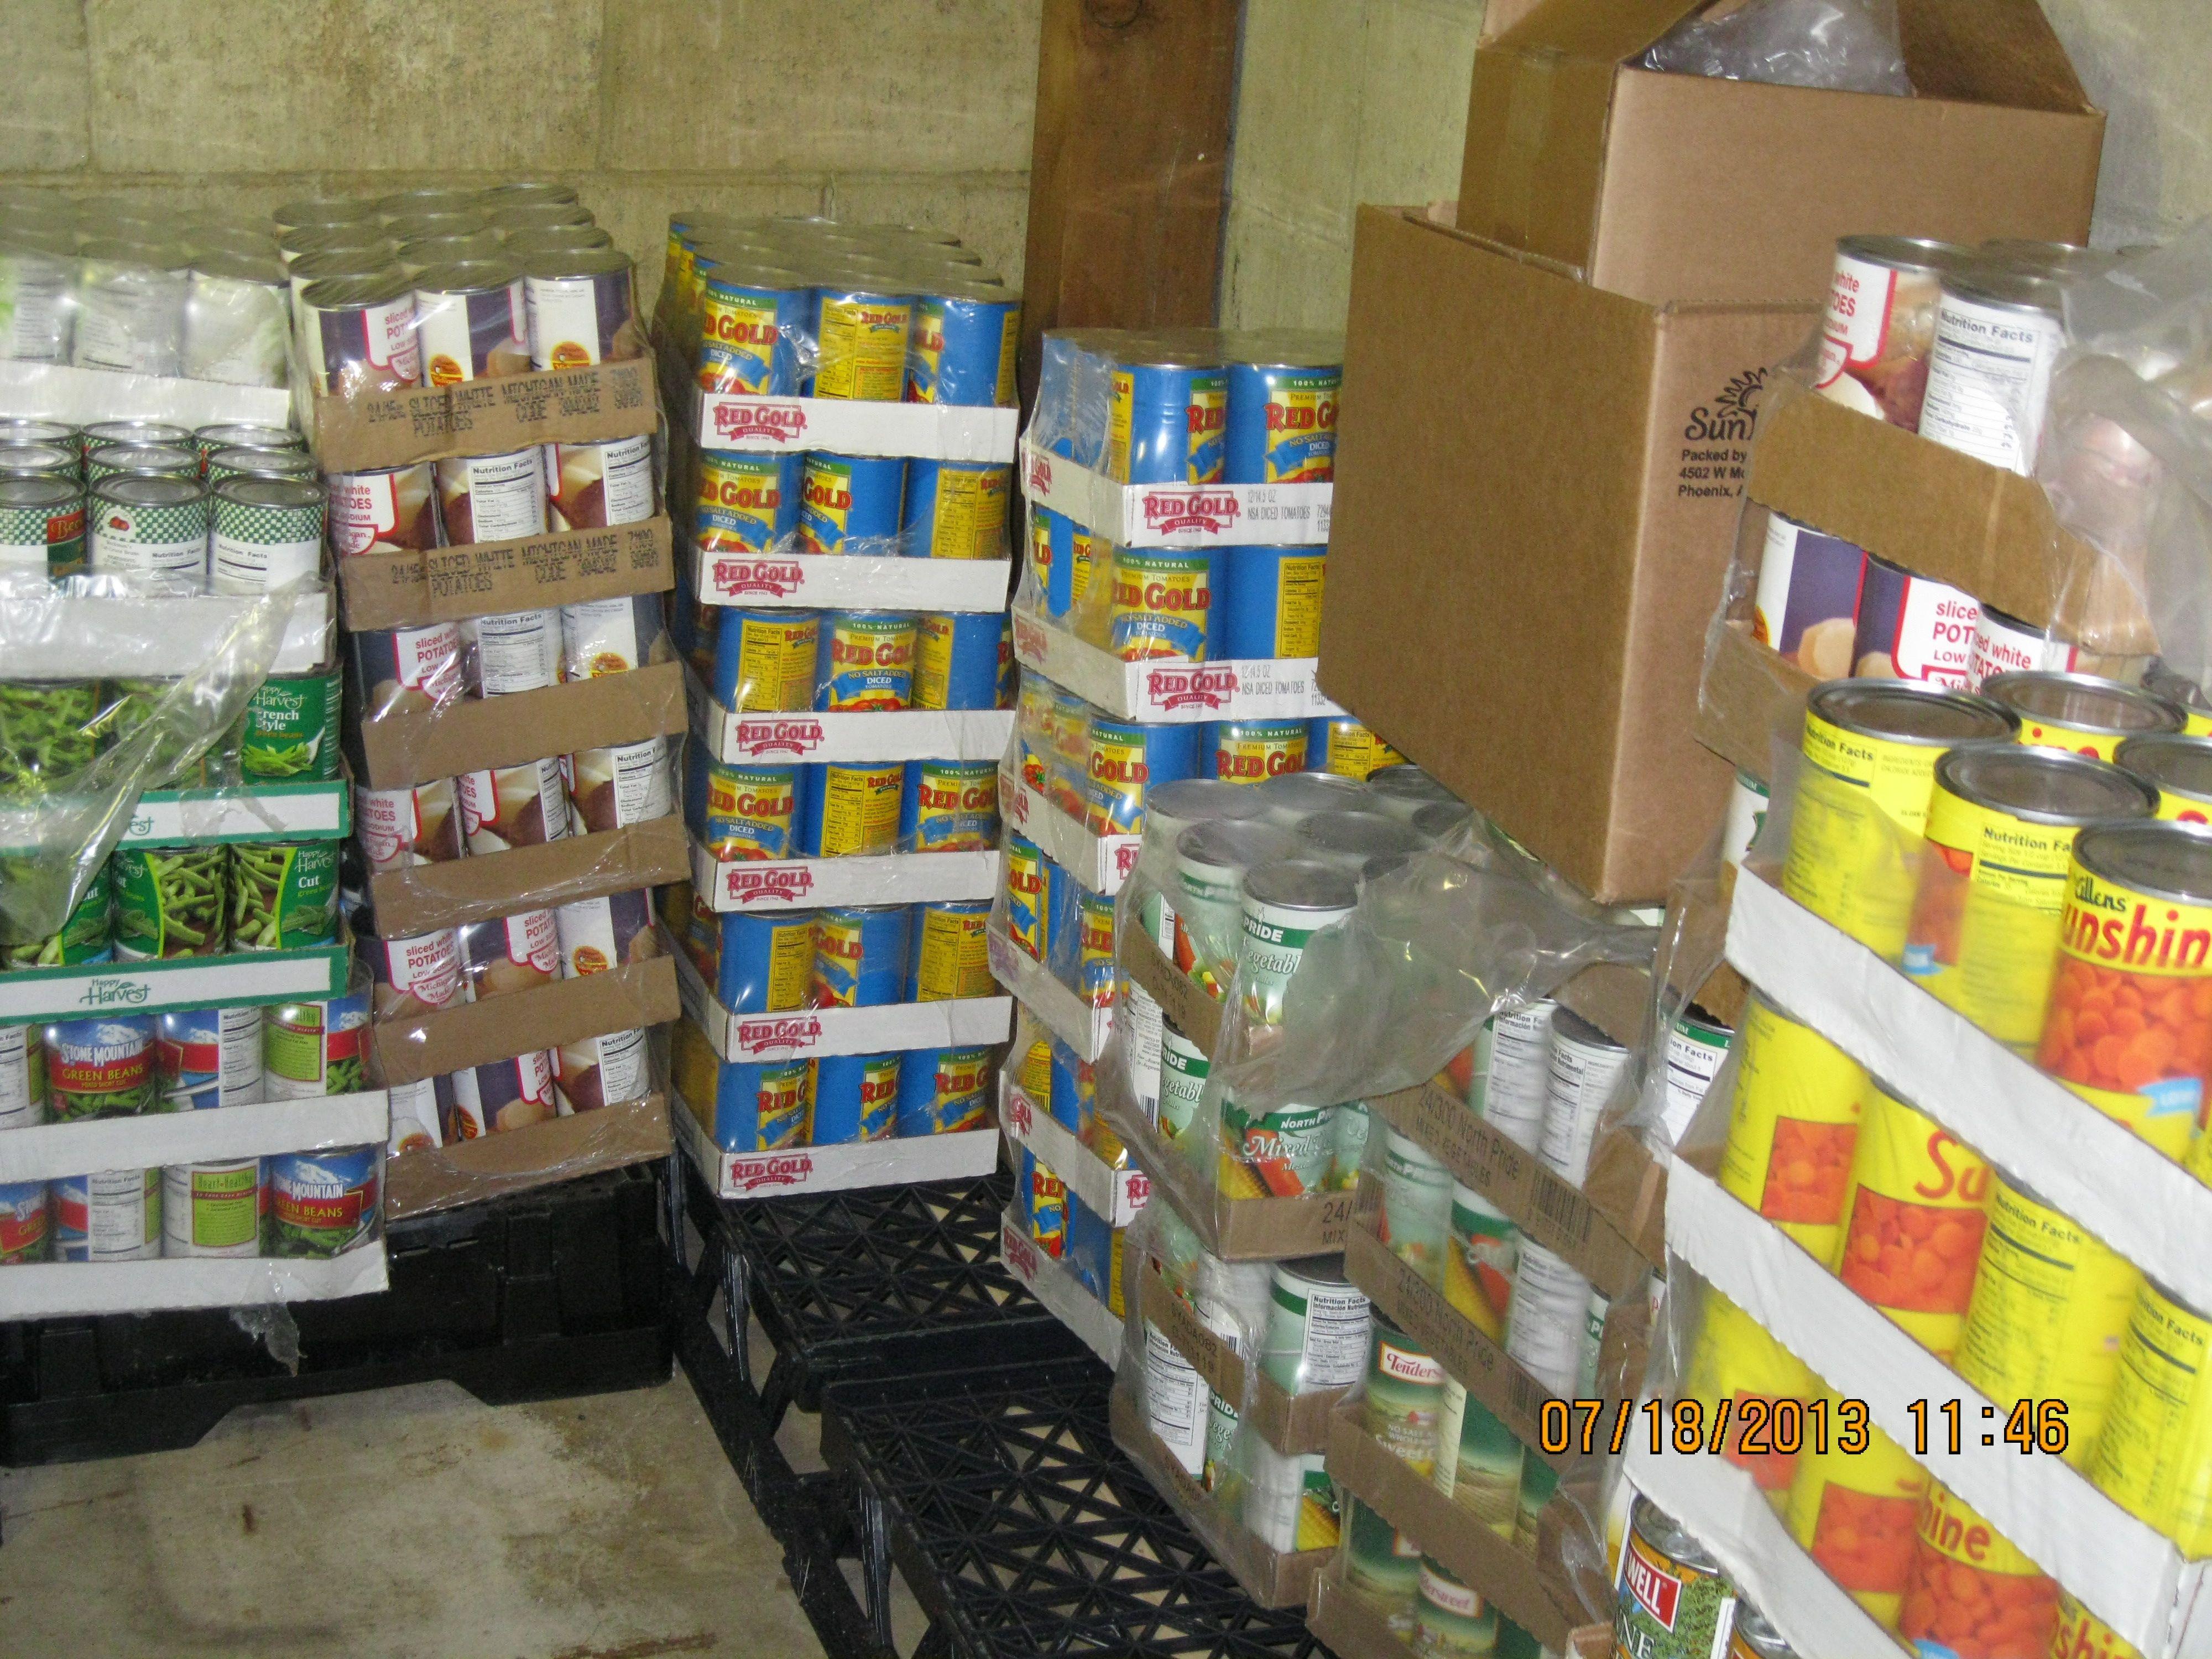 GEDCO - North East Food Pantry